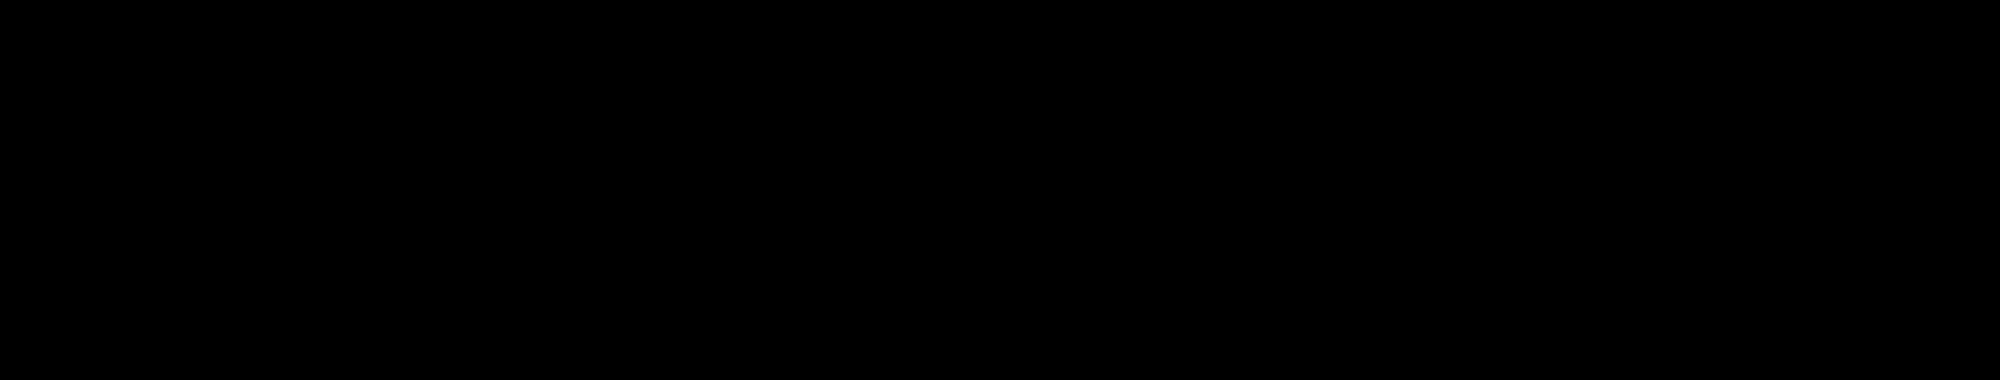 eine*n Professor*in (d/m/w) für Cohabitation - Hochschule für Bildende Künste Städelschule, Frankfurt am Main - Logo